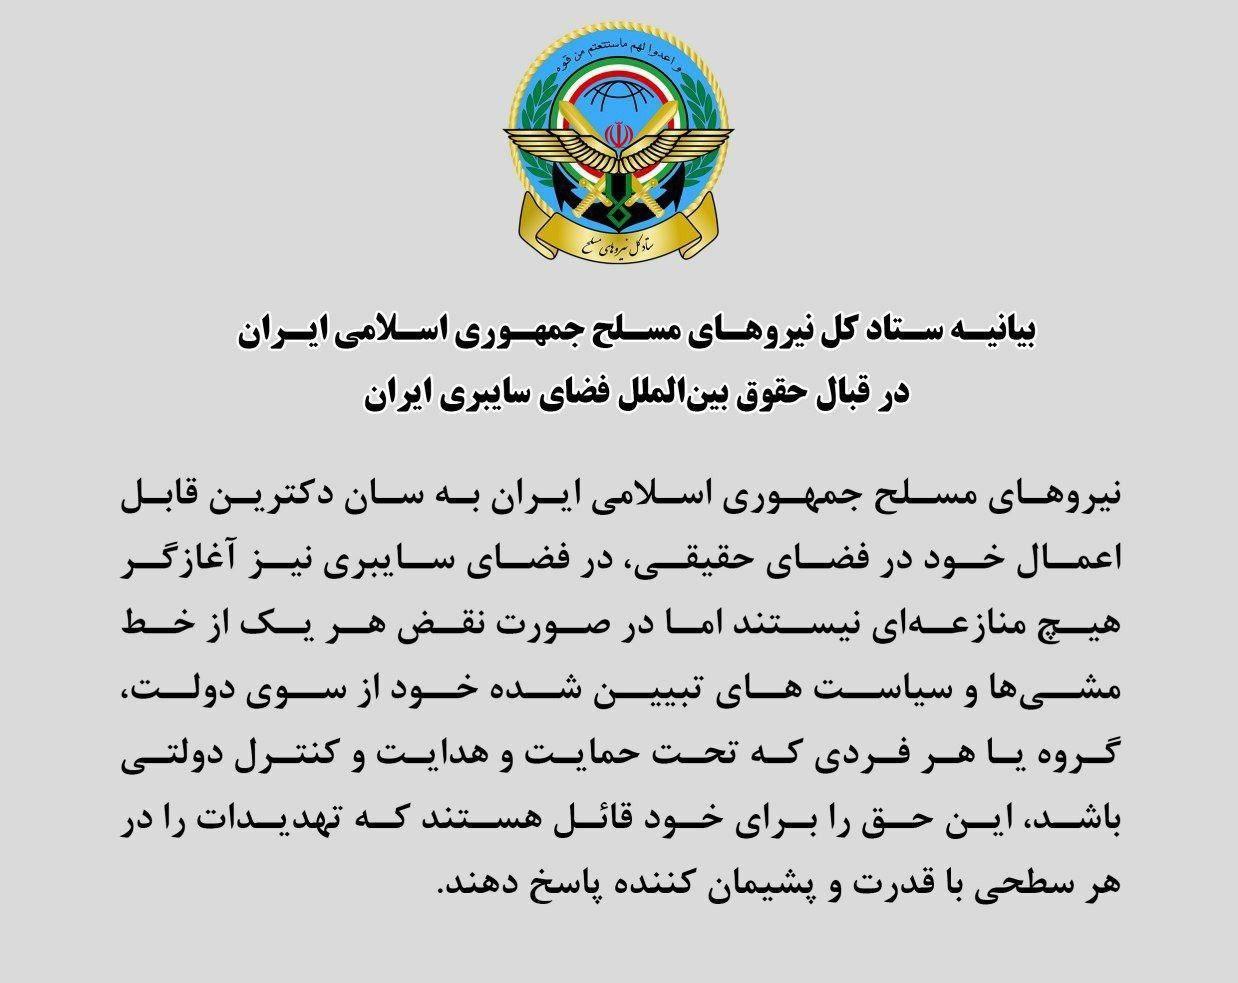 بخش مهمی از بیانیه ستاد کل نیروهای مسلح ایران در قبال حقوق بینالملل فضای سایبری ایران